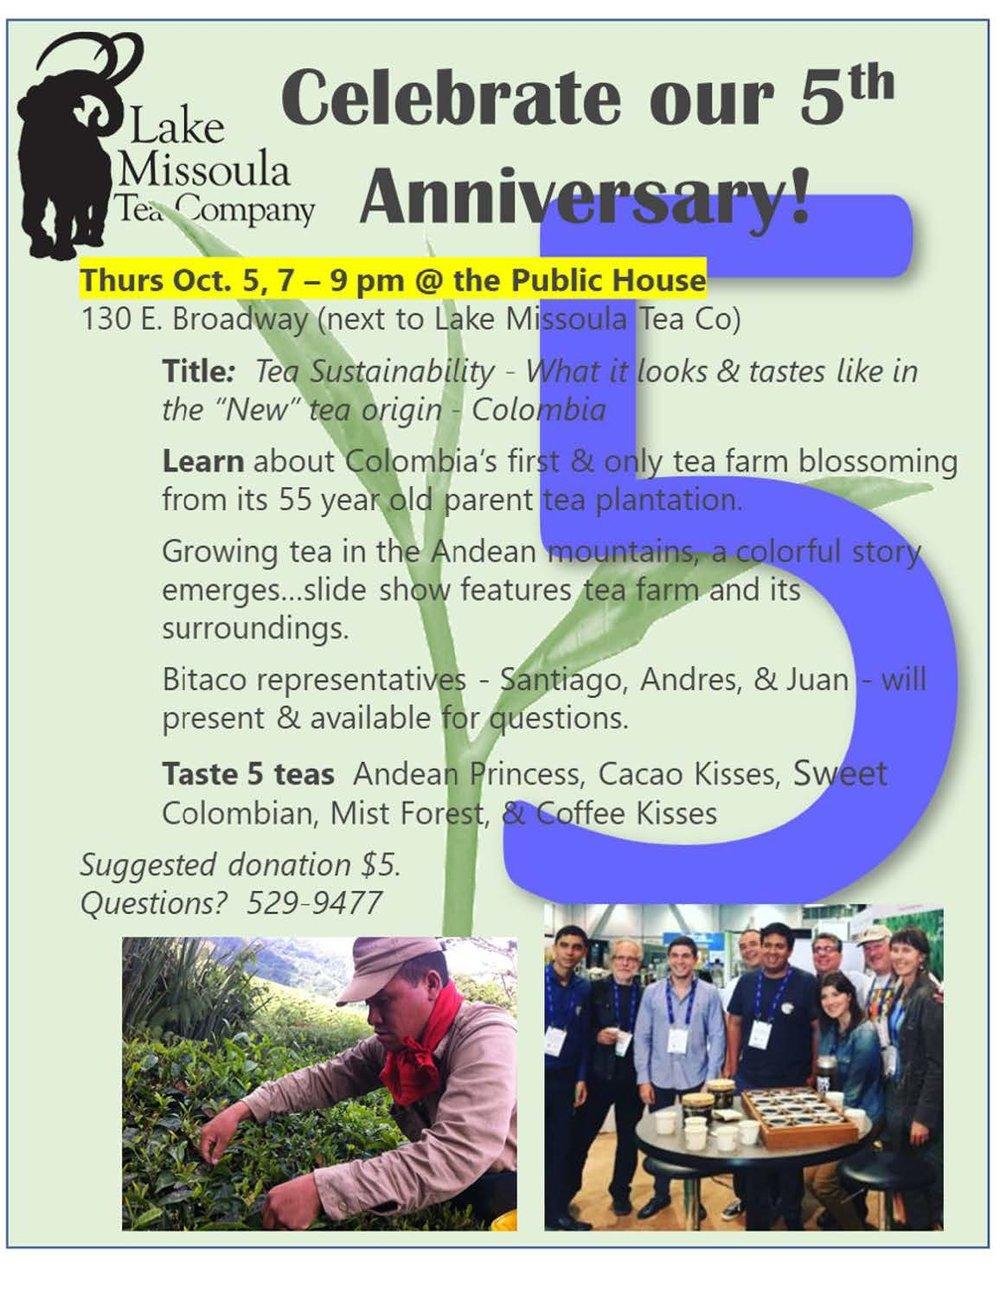 2017_10_05 - Lake Msla Tea Anniversary.jpg